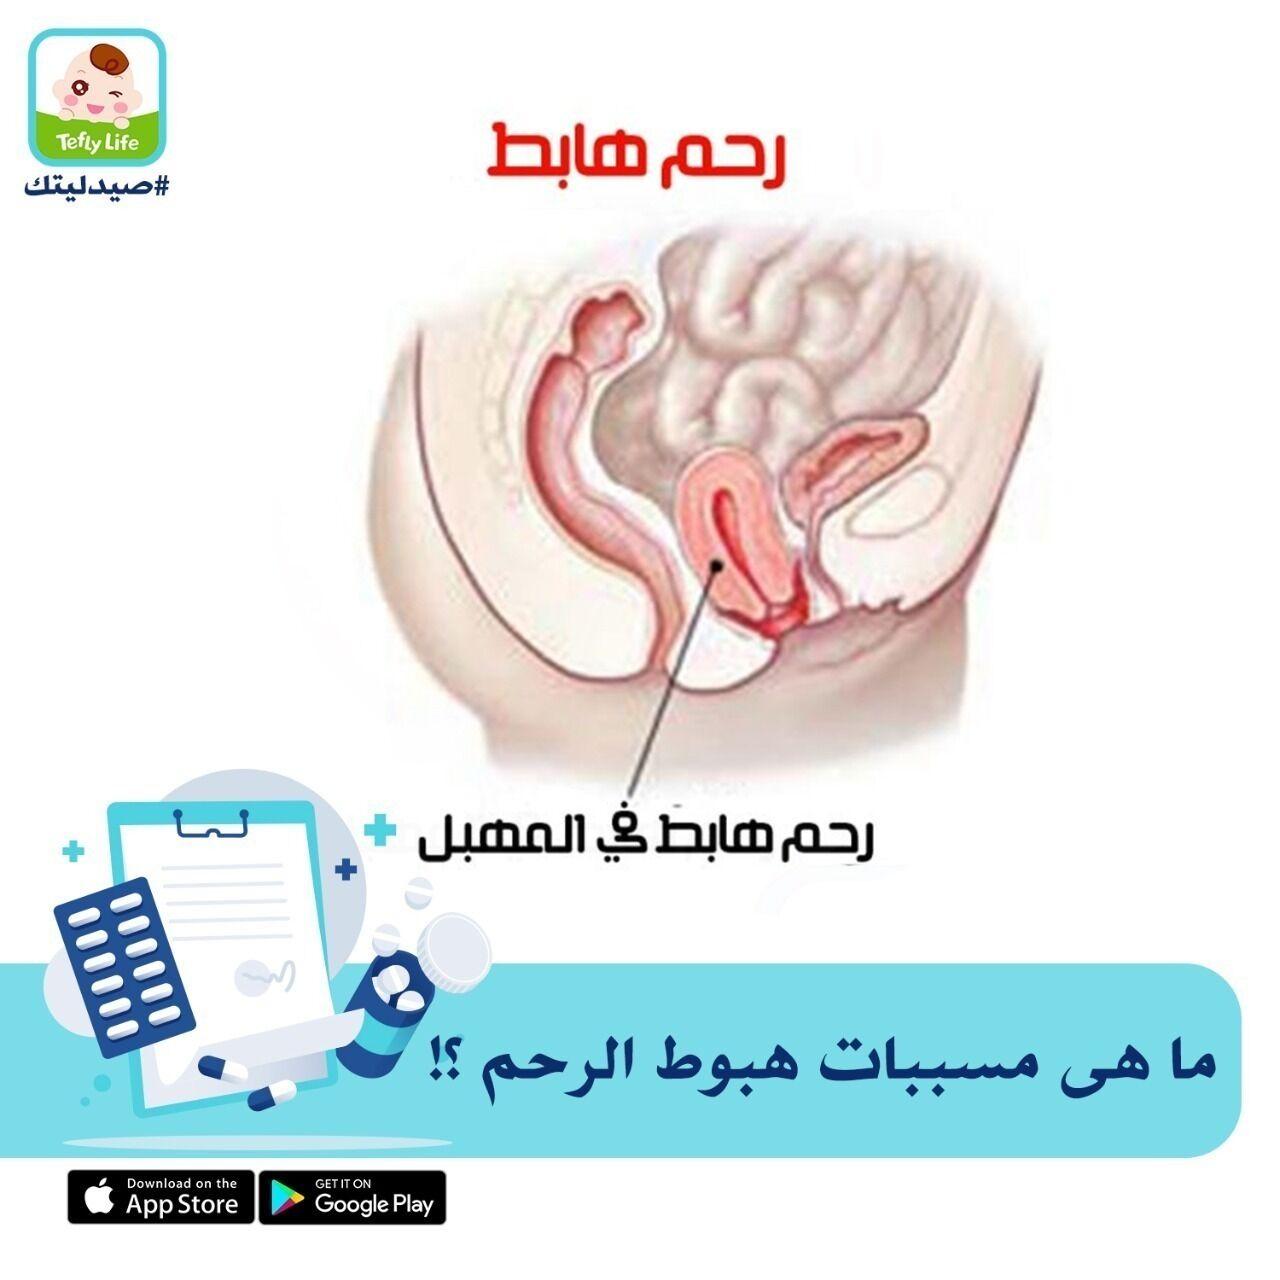 الولادات الطبيعية المتكررة قد تؤدى إلى سقوط الرحم خارج المهبل